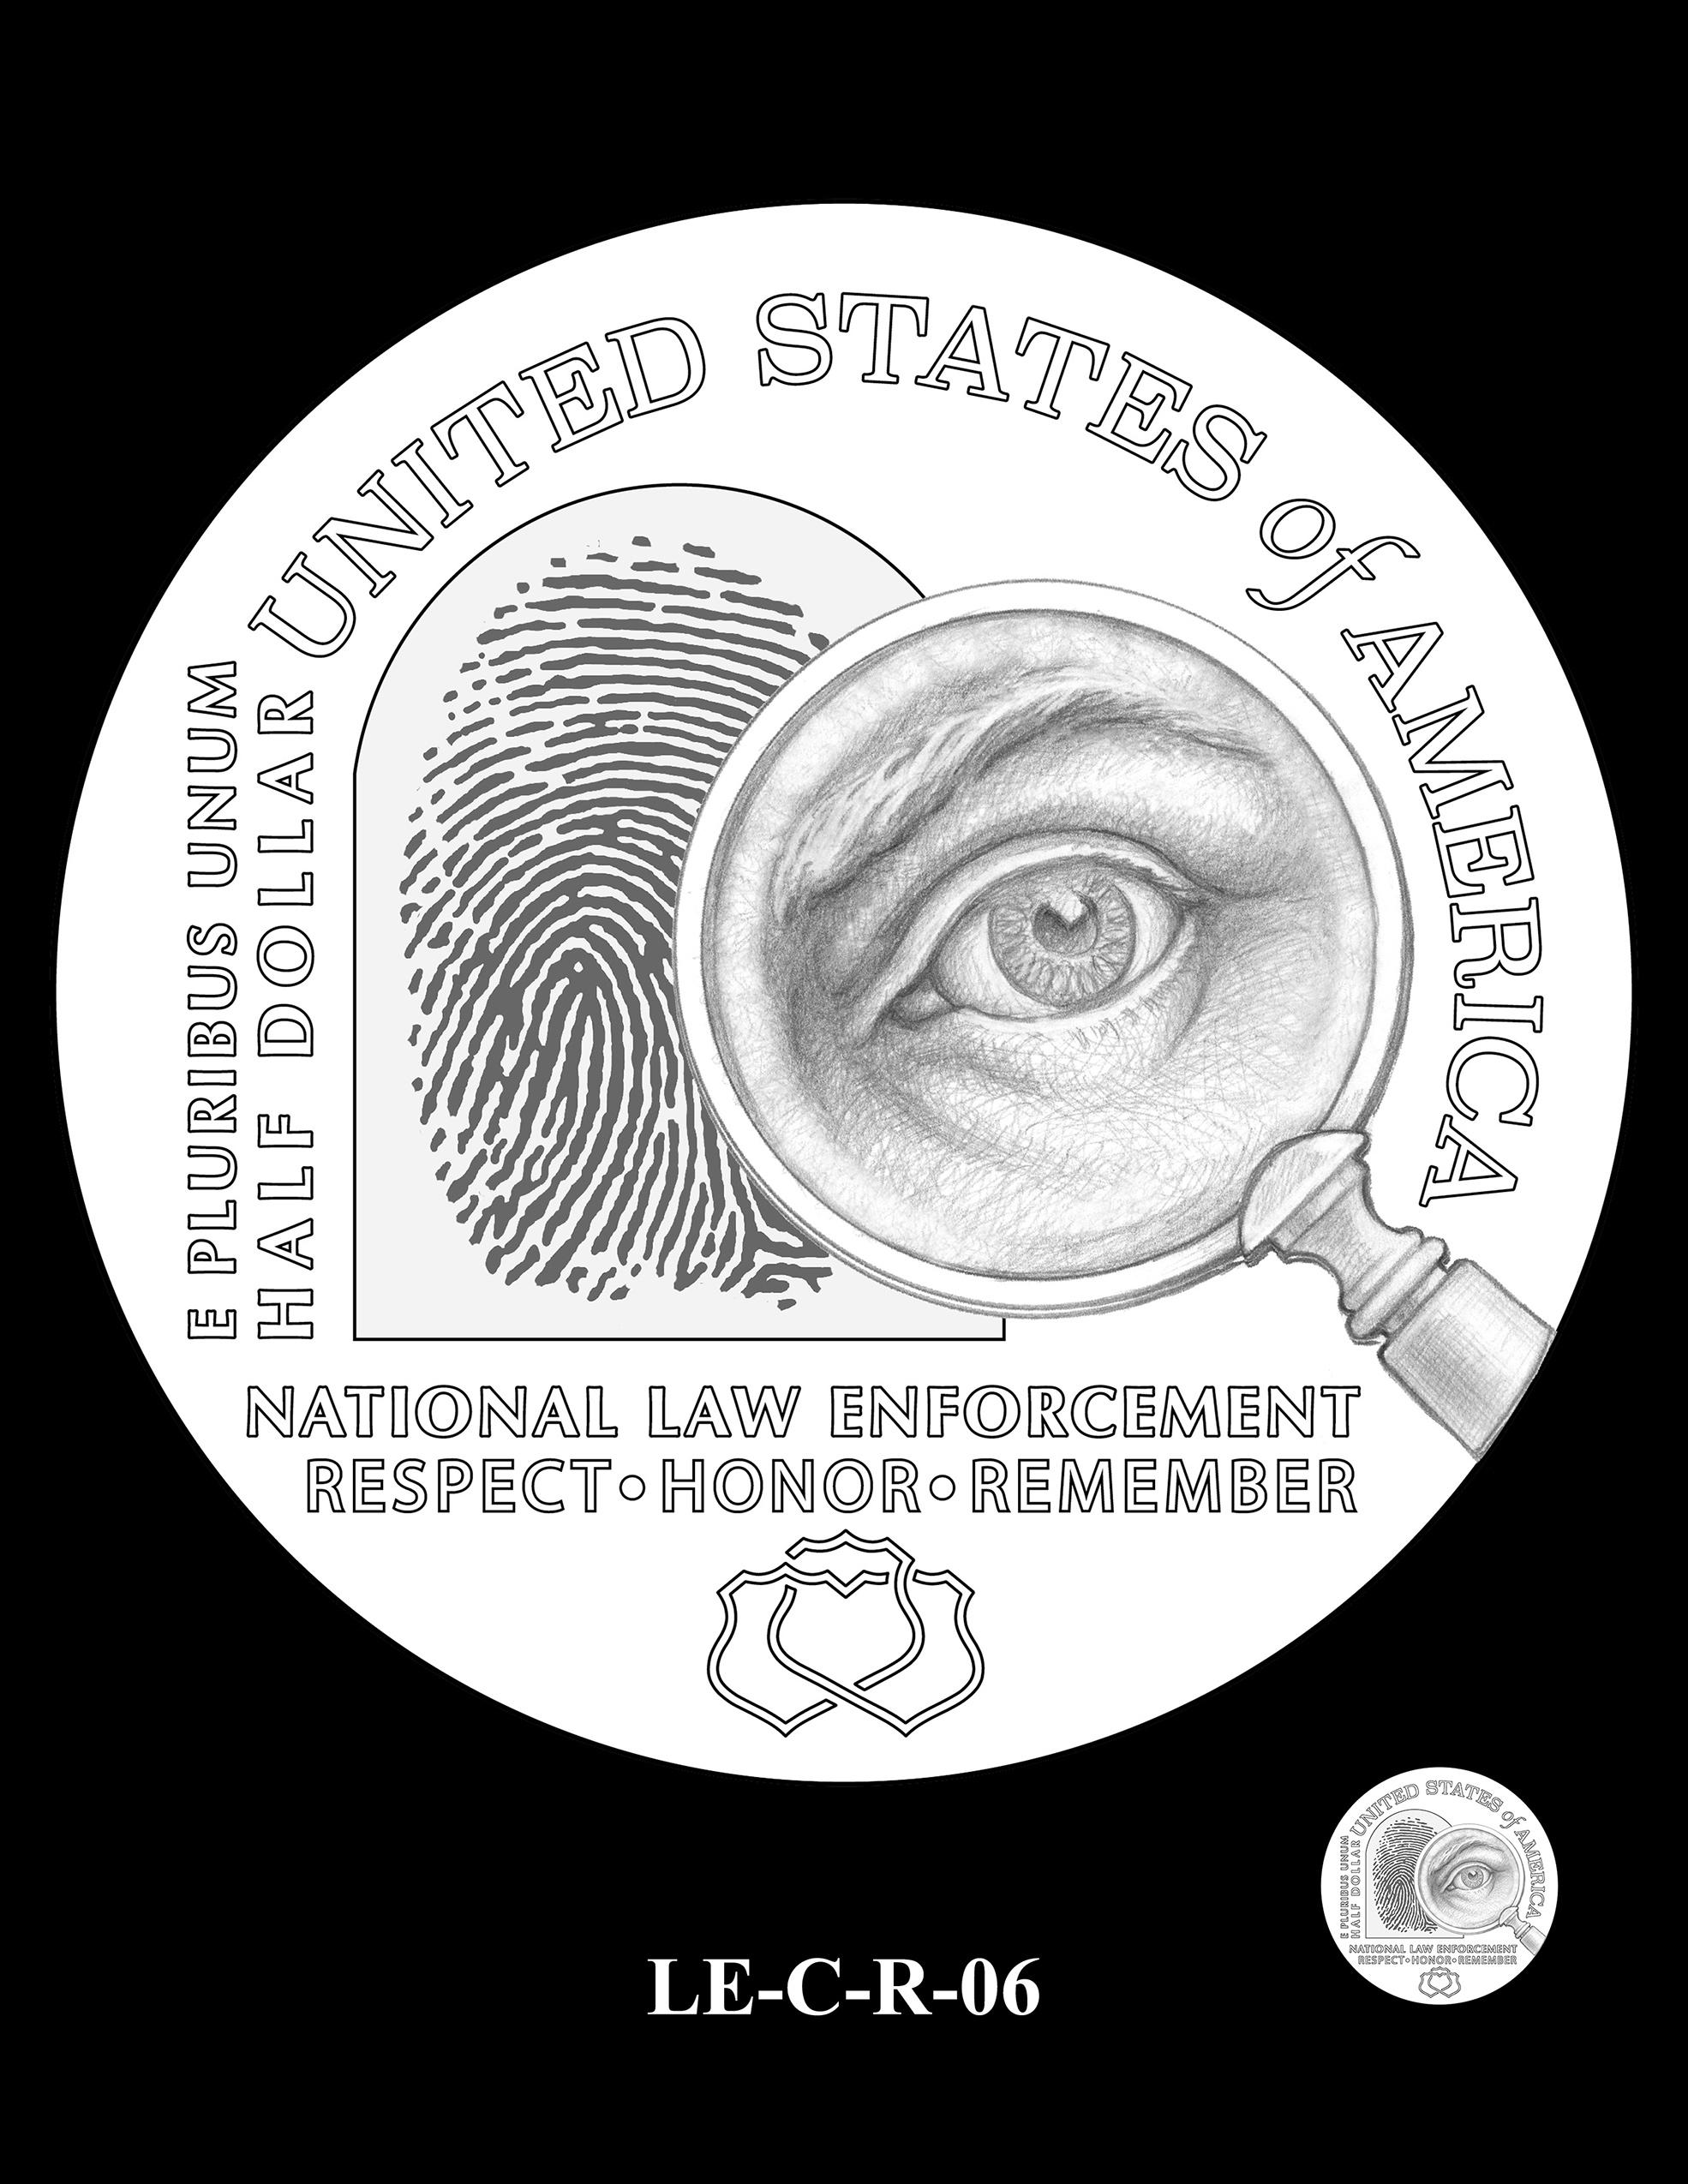 LE-C-R-06 -- National Law Enforcement Museum Commemorative Coin Program